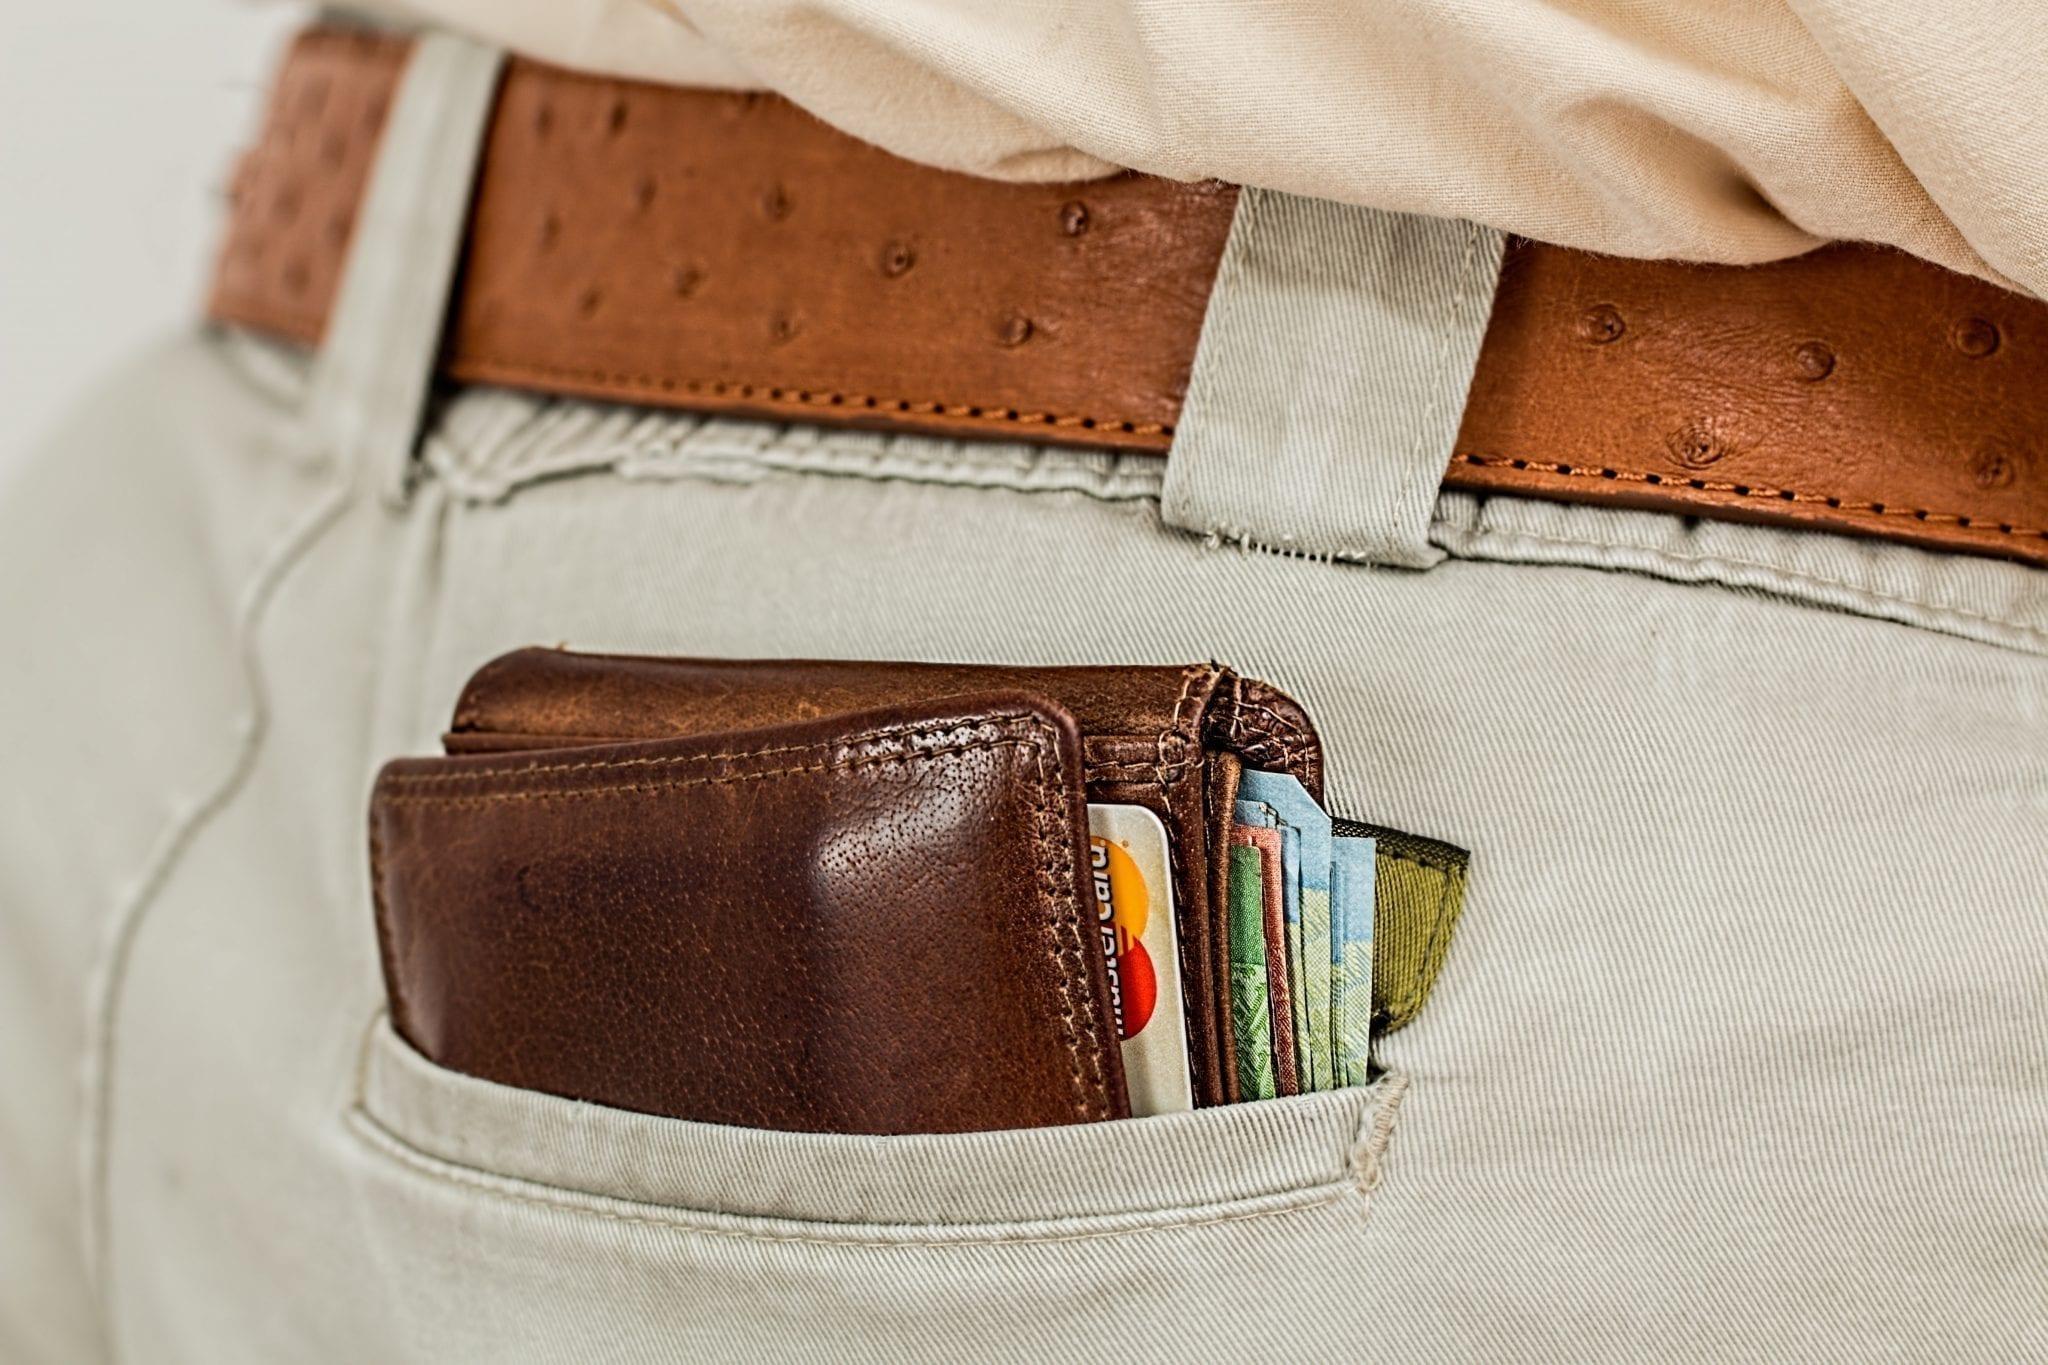 Tire suas dúvidas sobre a restituição do imposto de renda